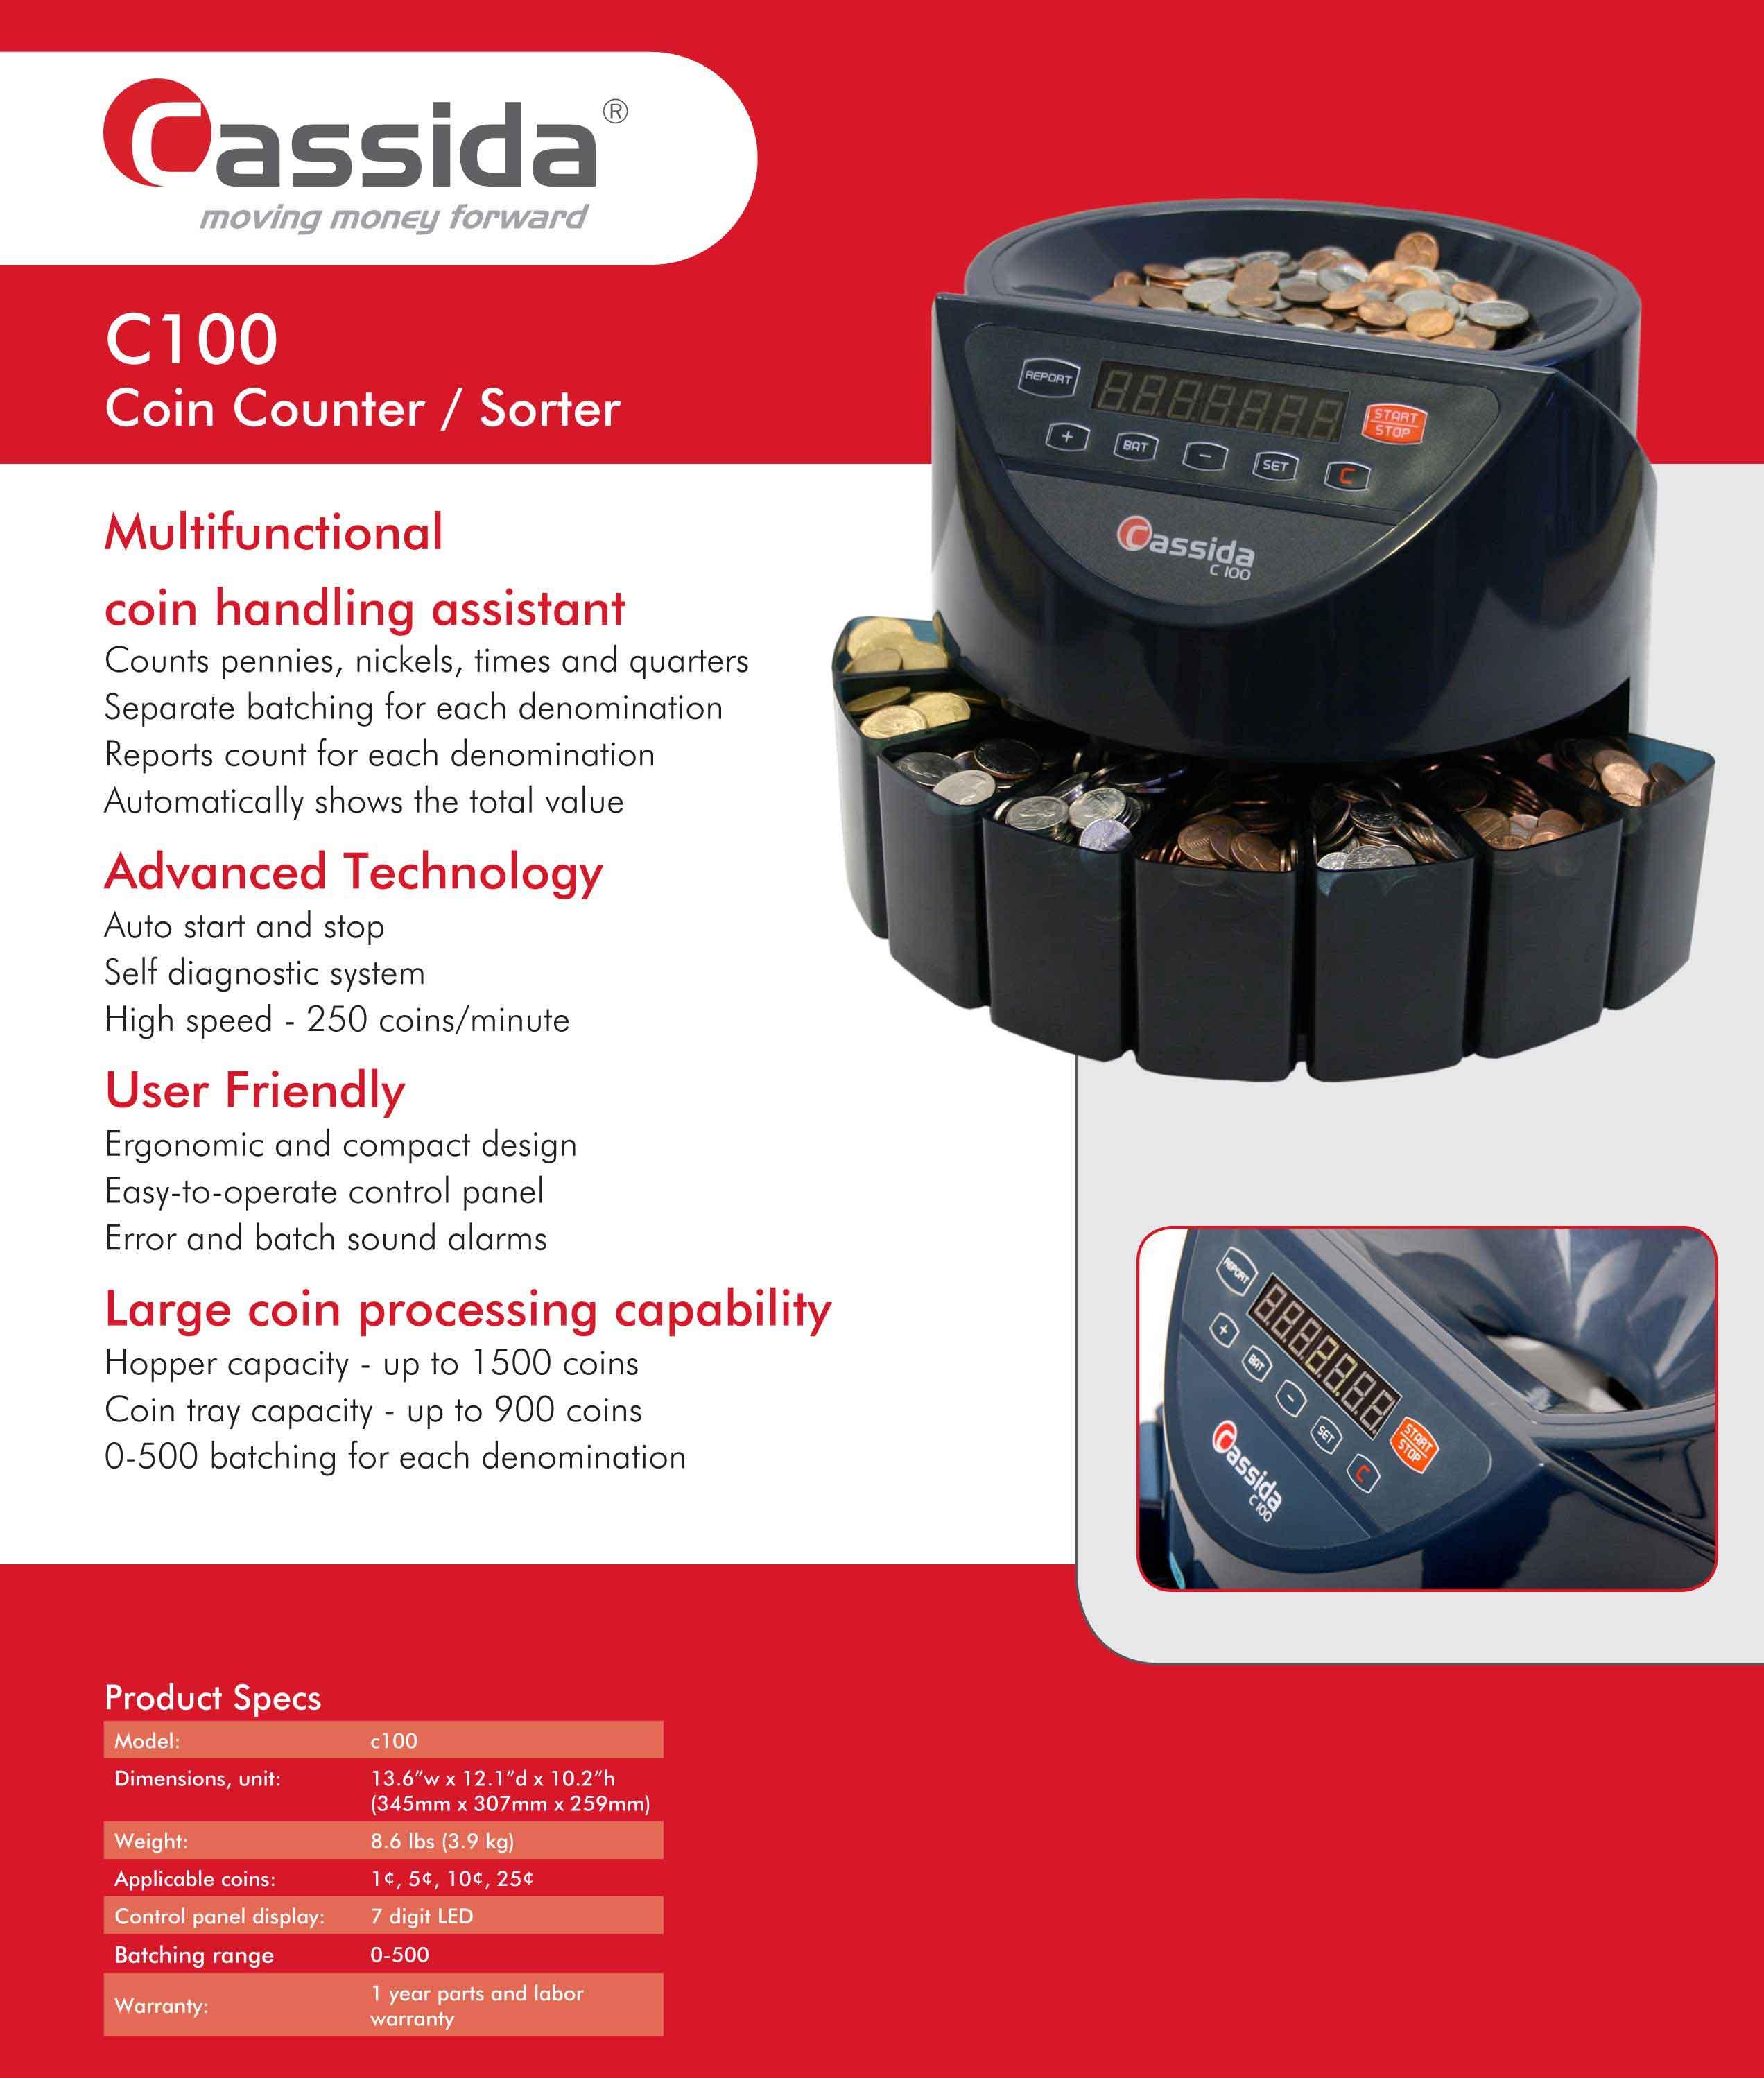 Cassida C100 Coin Sorter Brochure